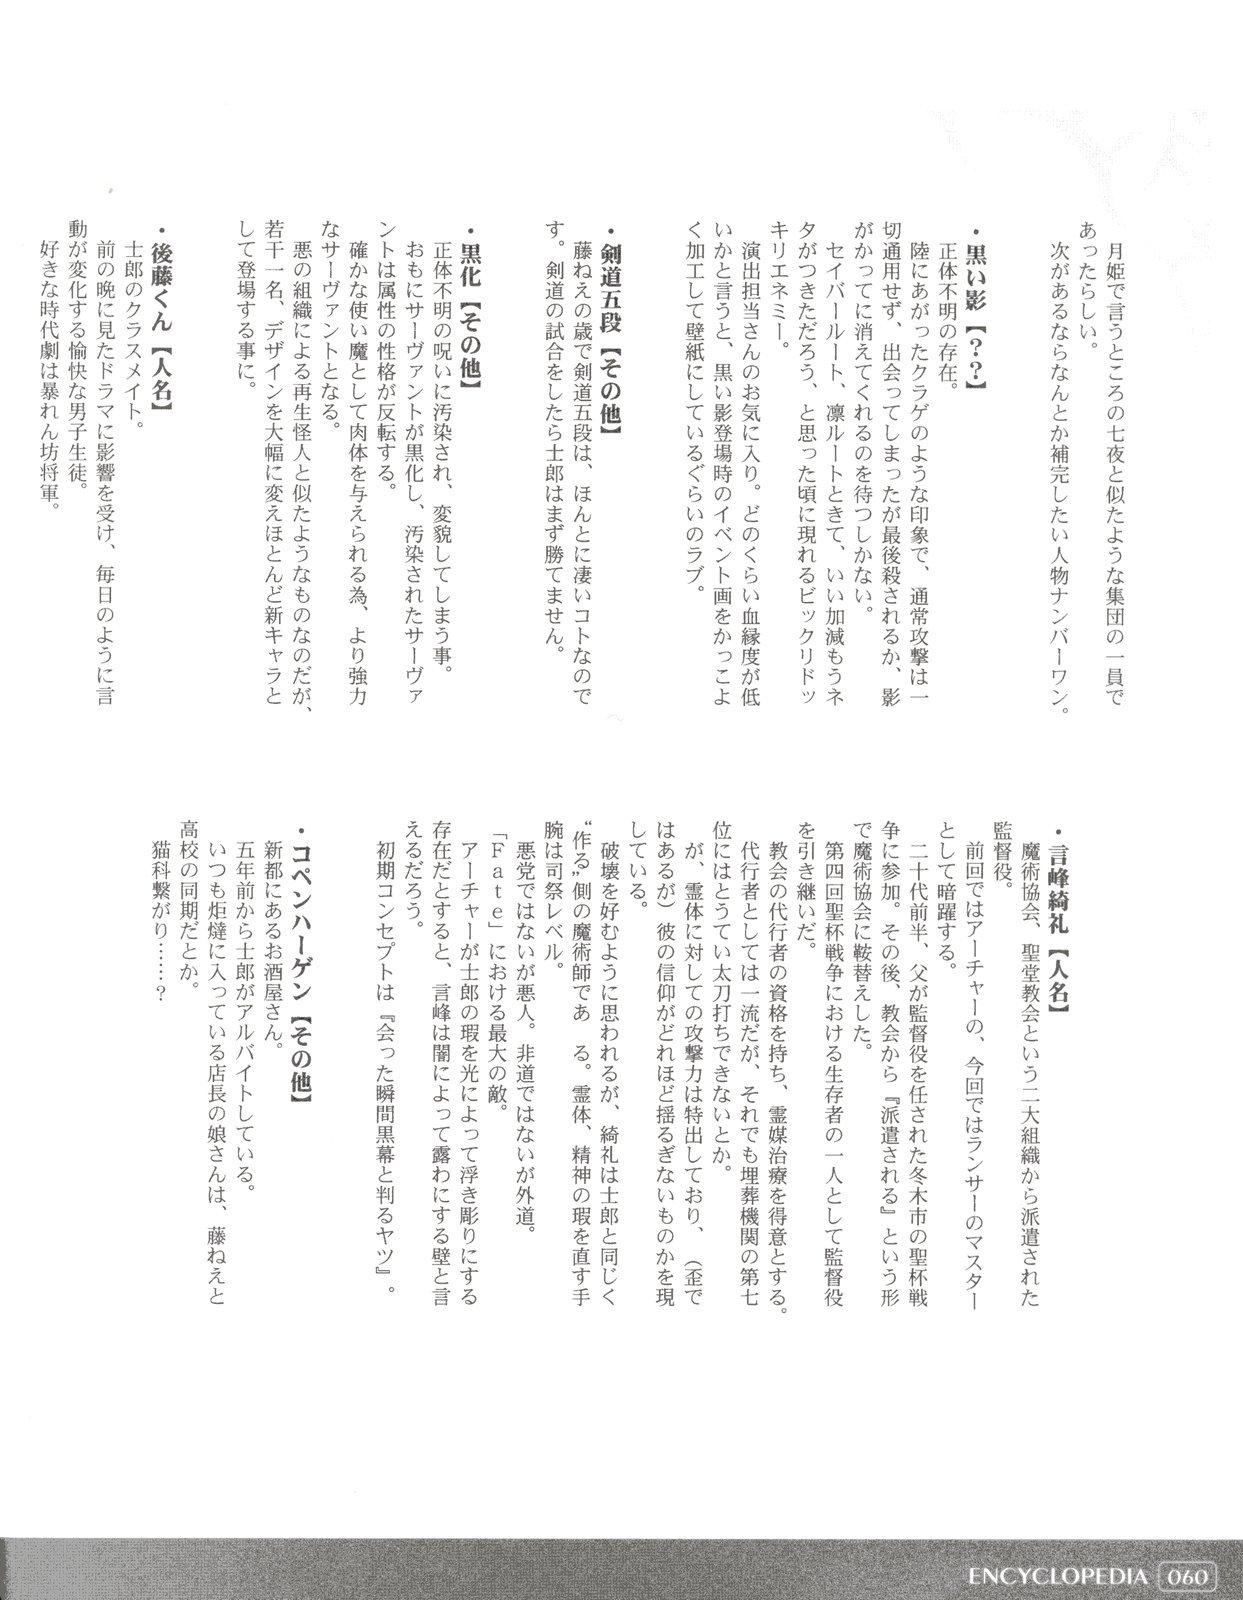 【全面科普】型月梗 黑化(黒化)- m.chinavegors.com